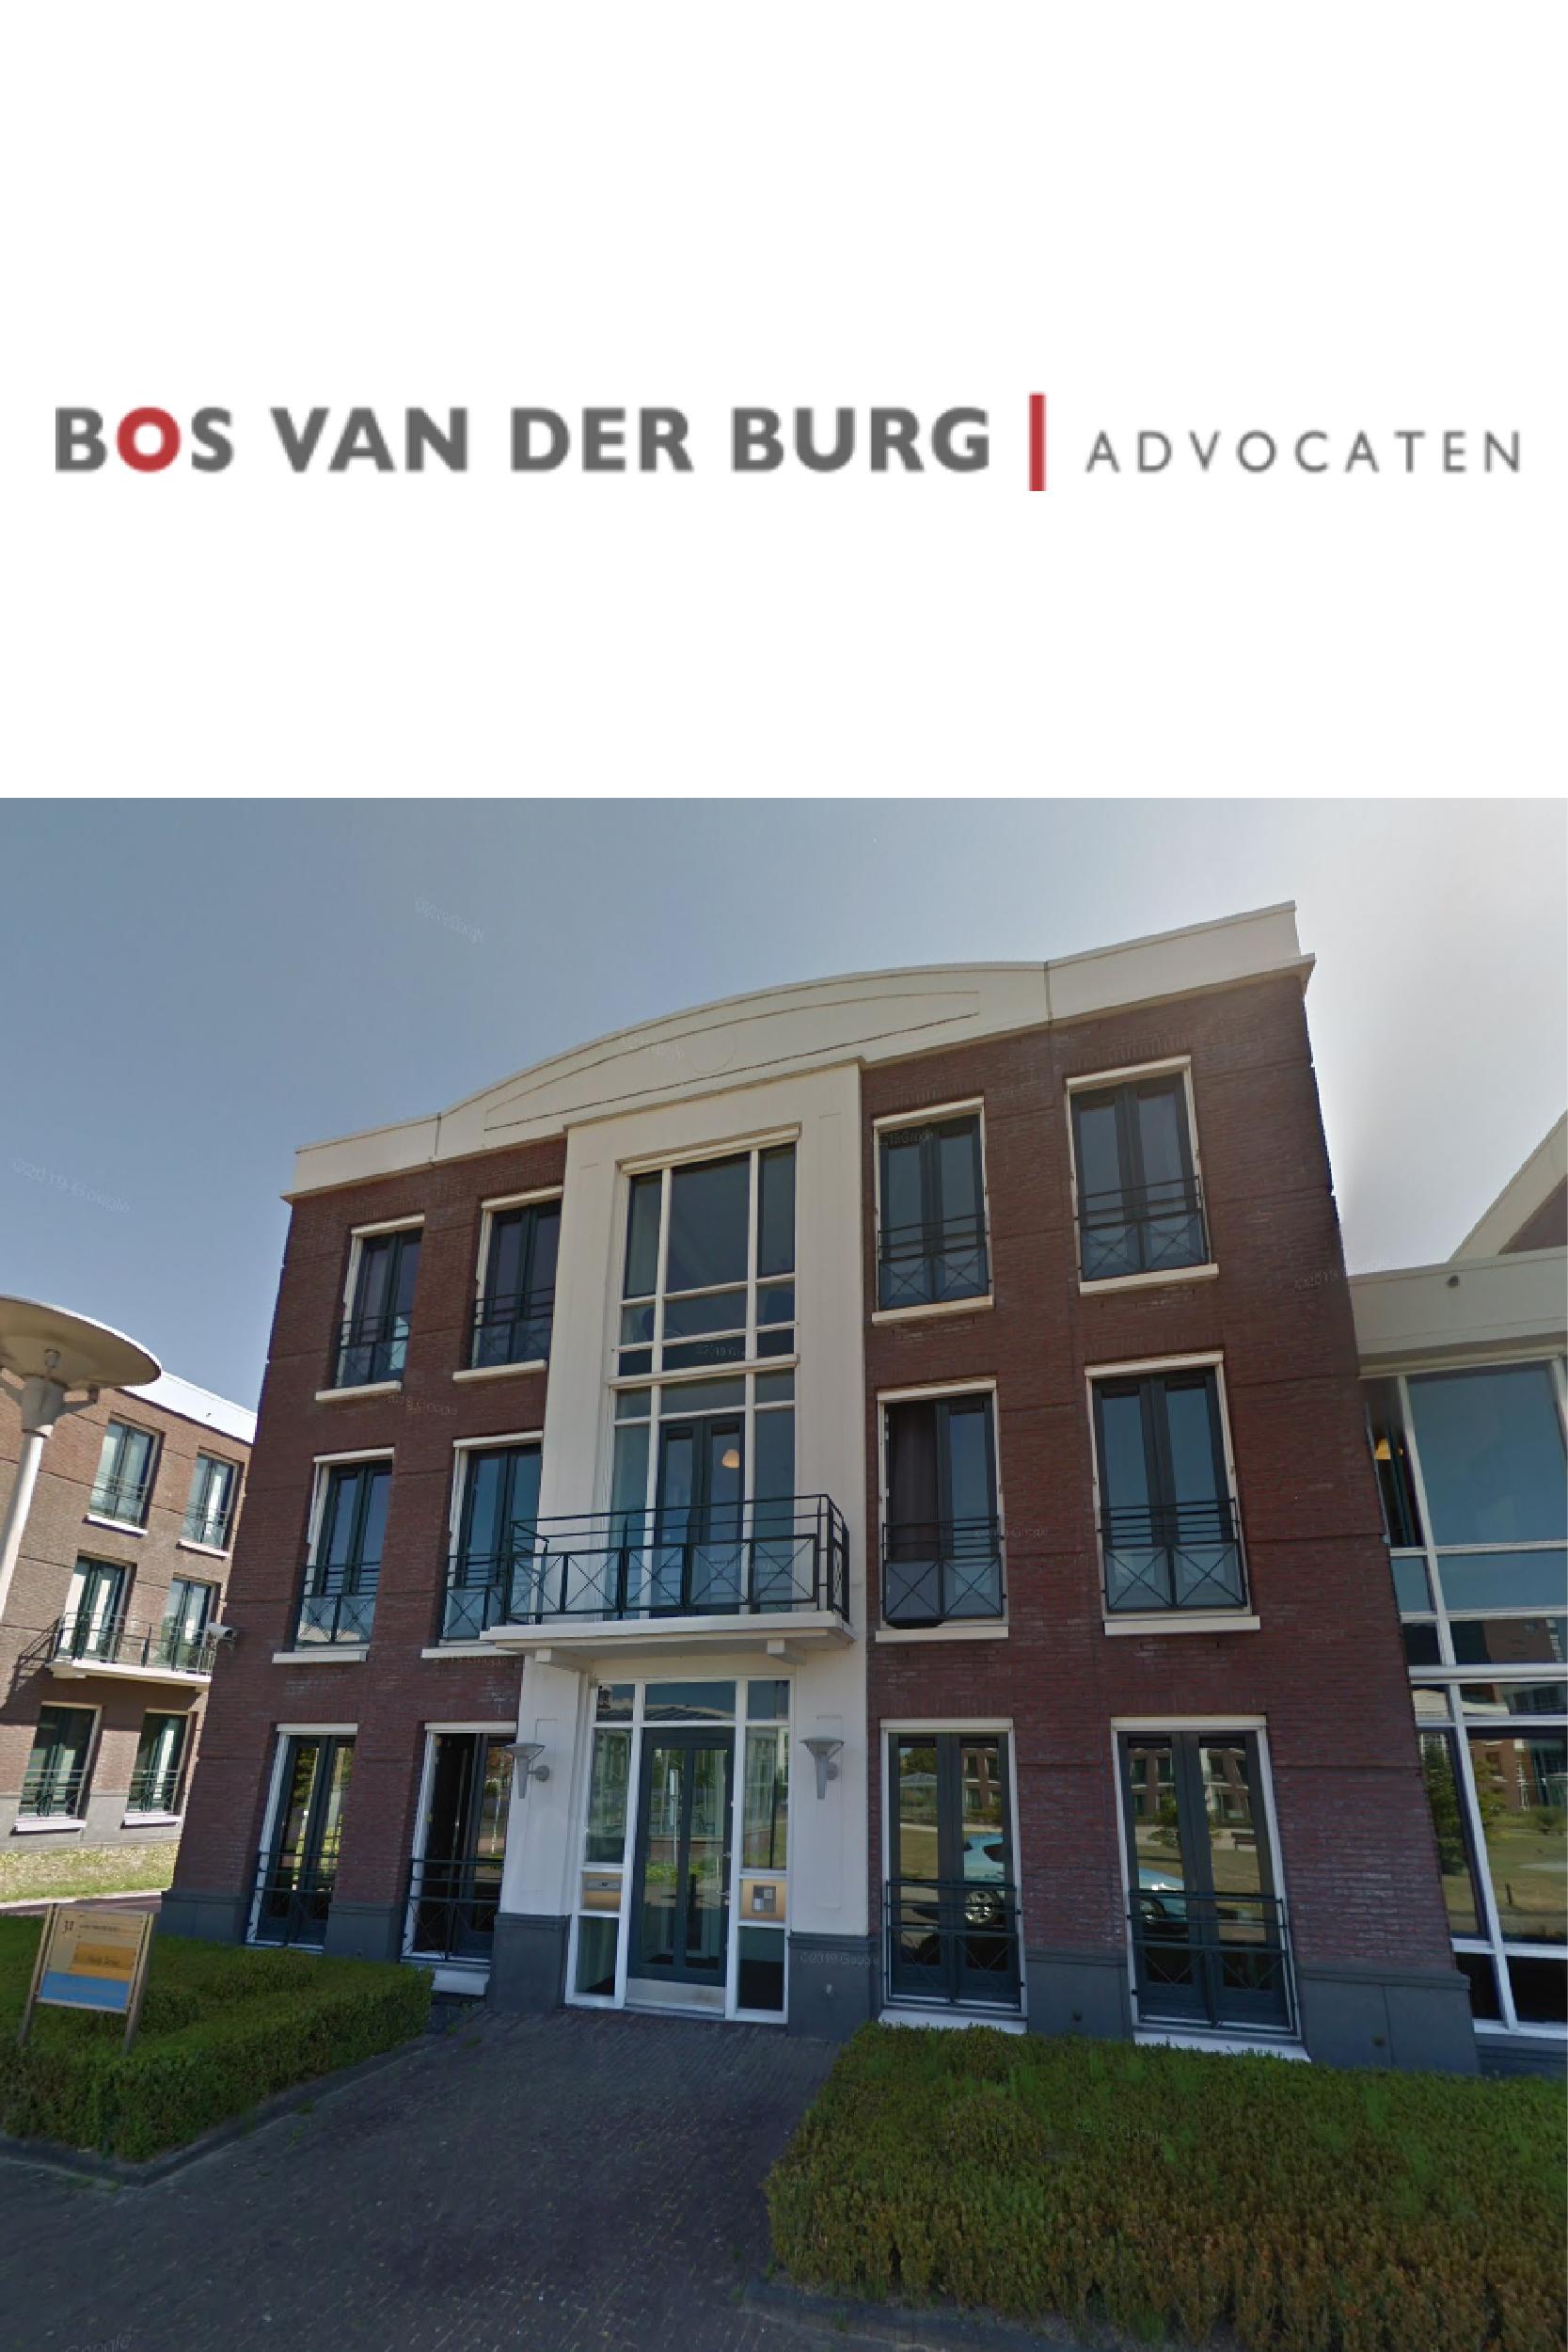 Bos Van der Burg Advocaten